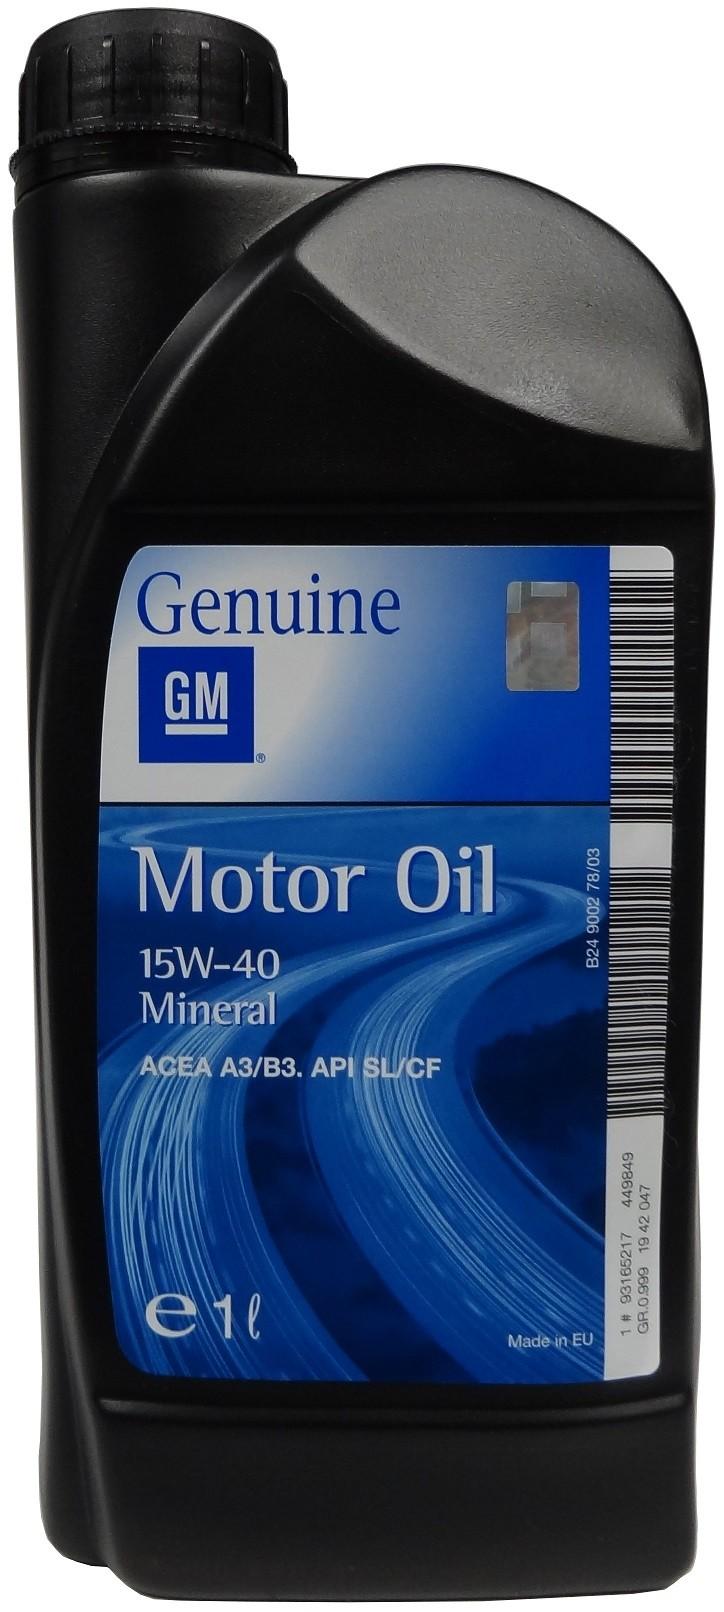 GM MOTOR OIL 15W-40 1L